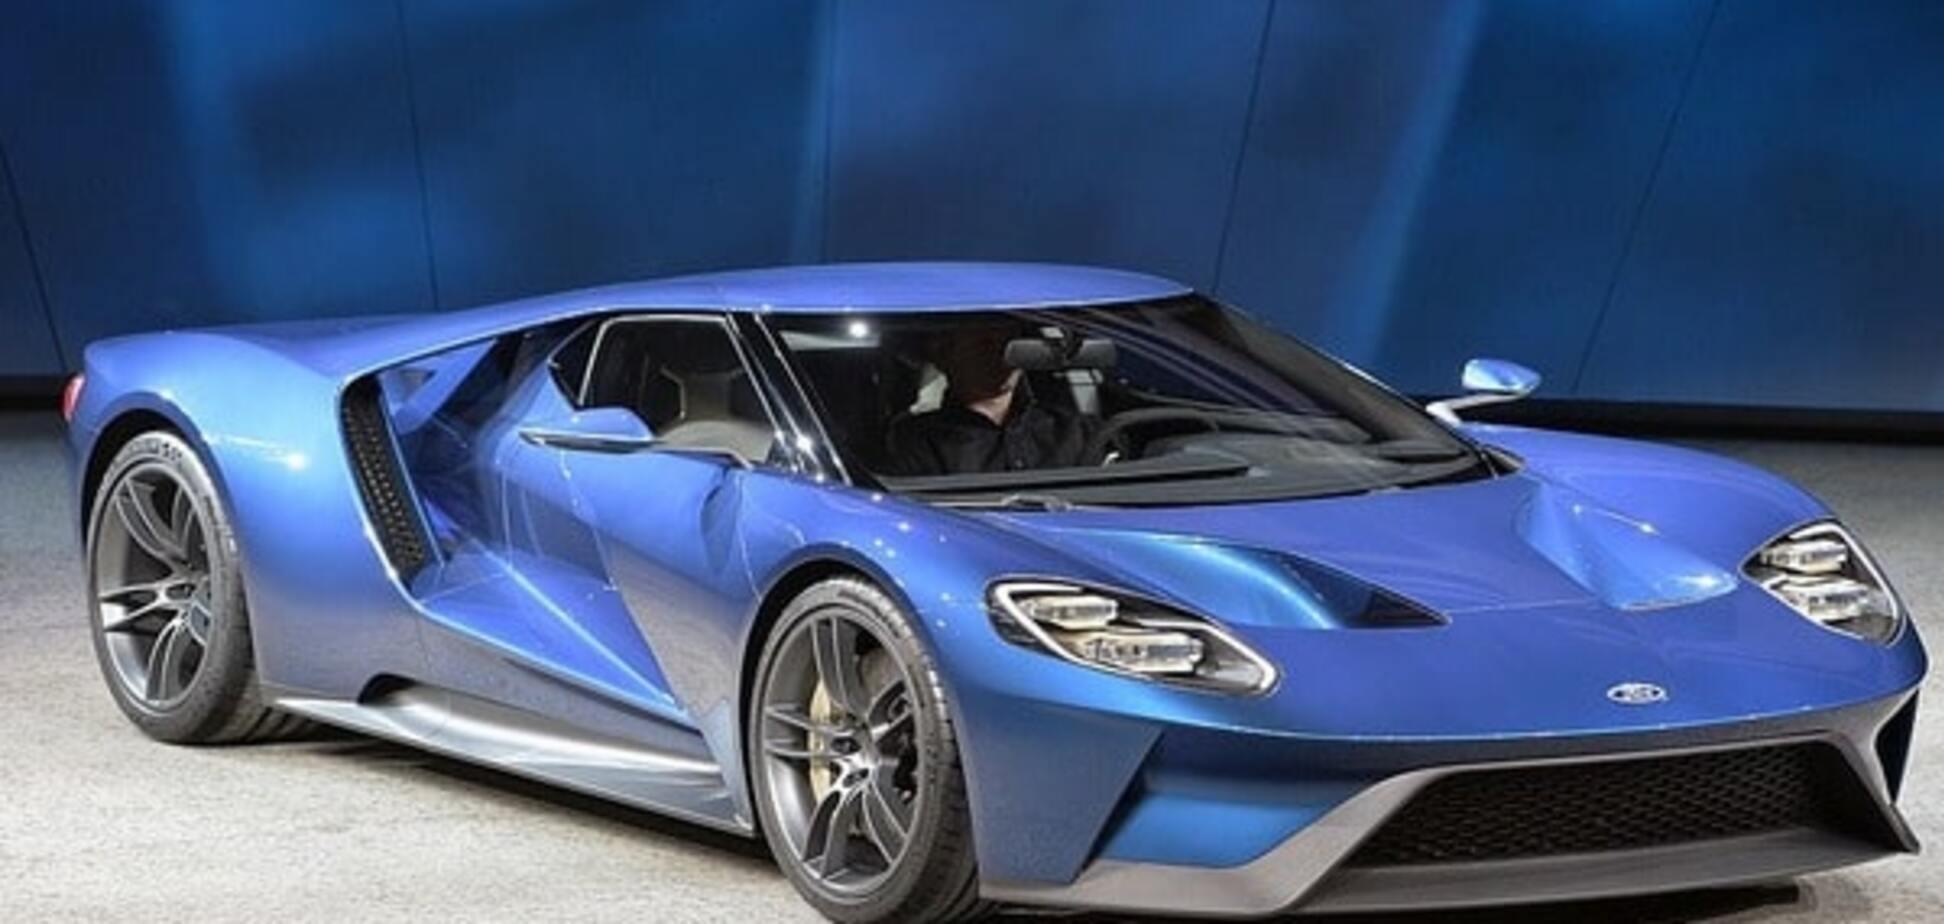 Сліпуча краса: топ-10 ефектних автомобілів, очікуваних у 2016 році